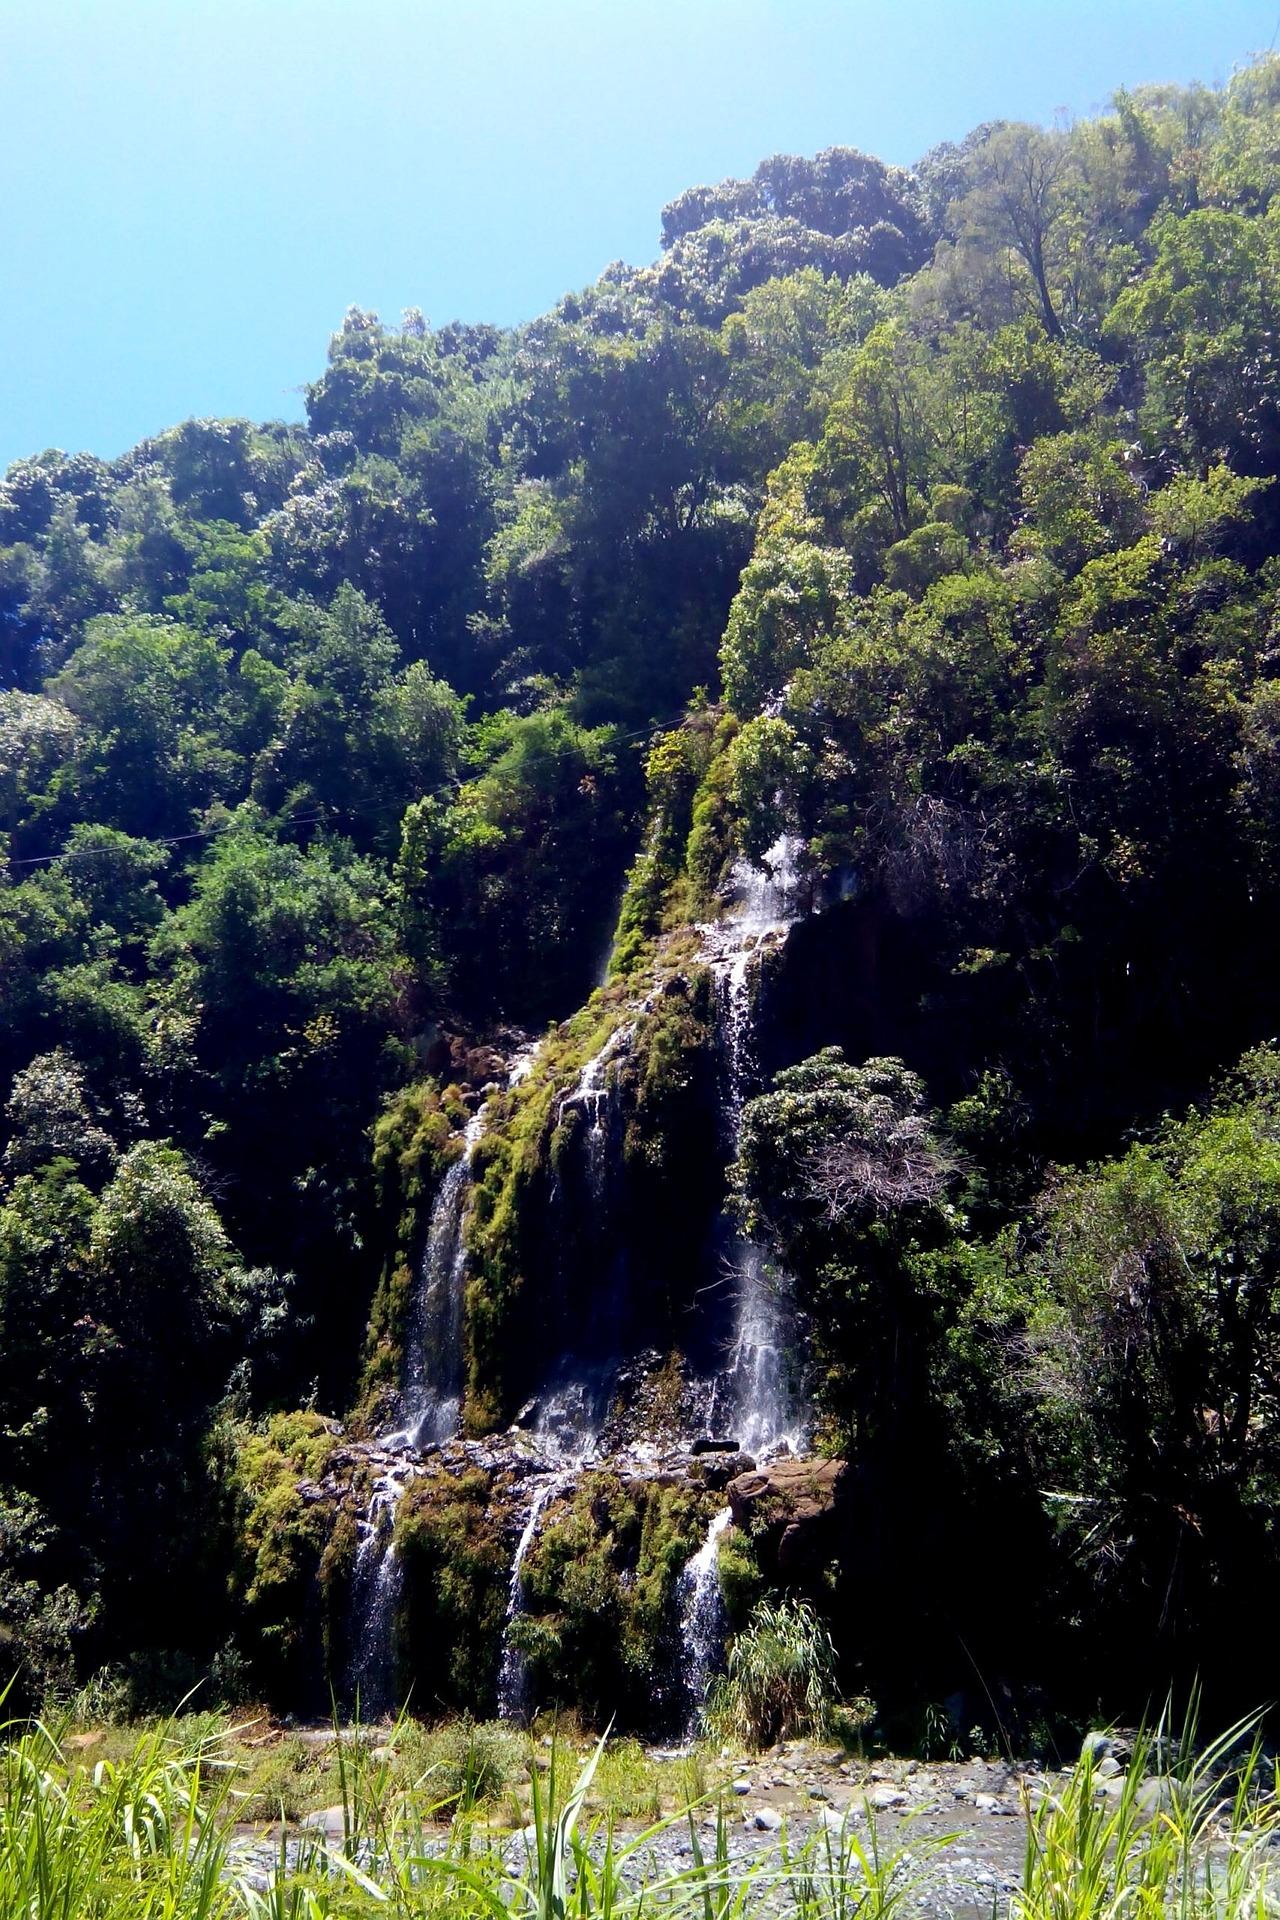 cascade-1321593_1920.jpg